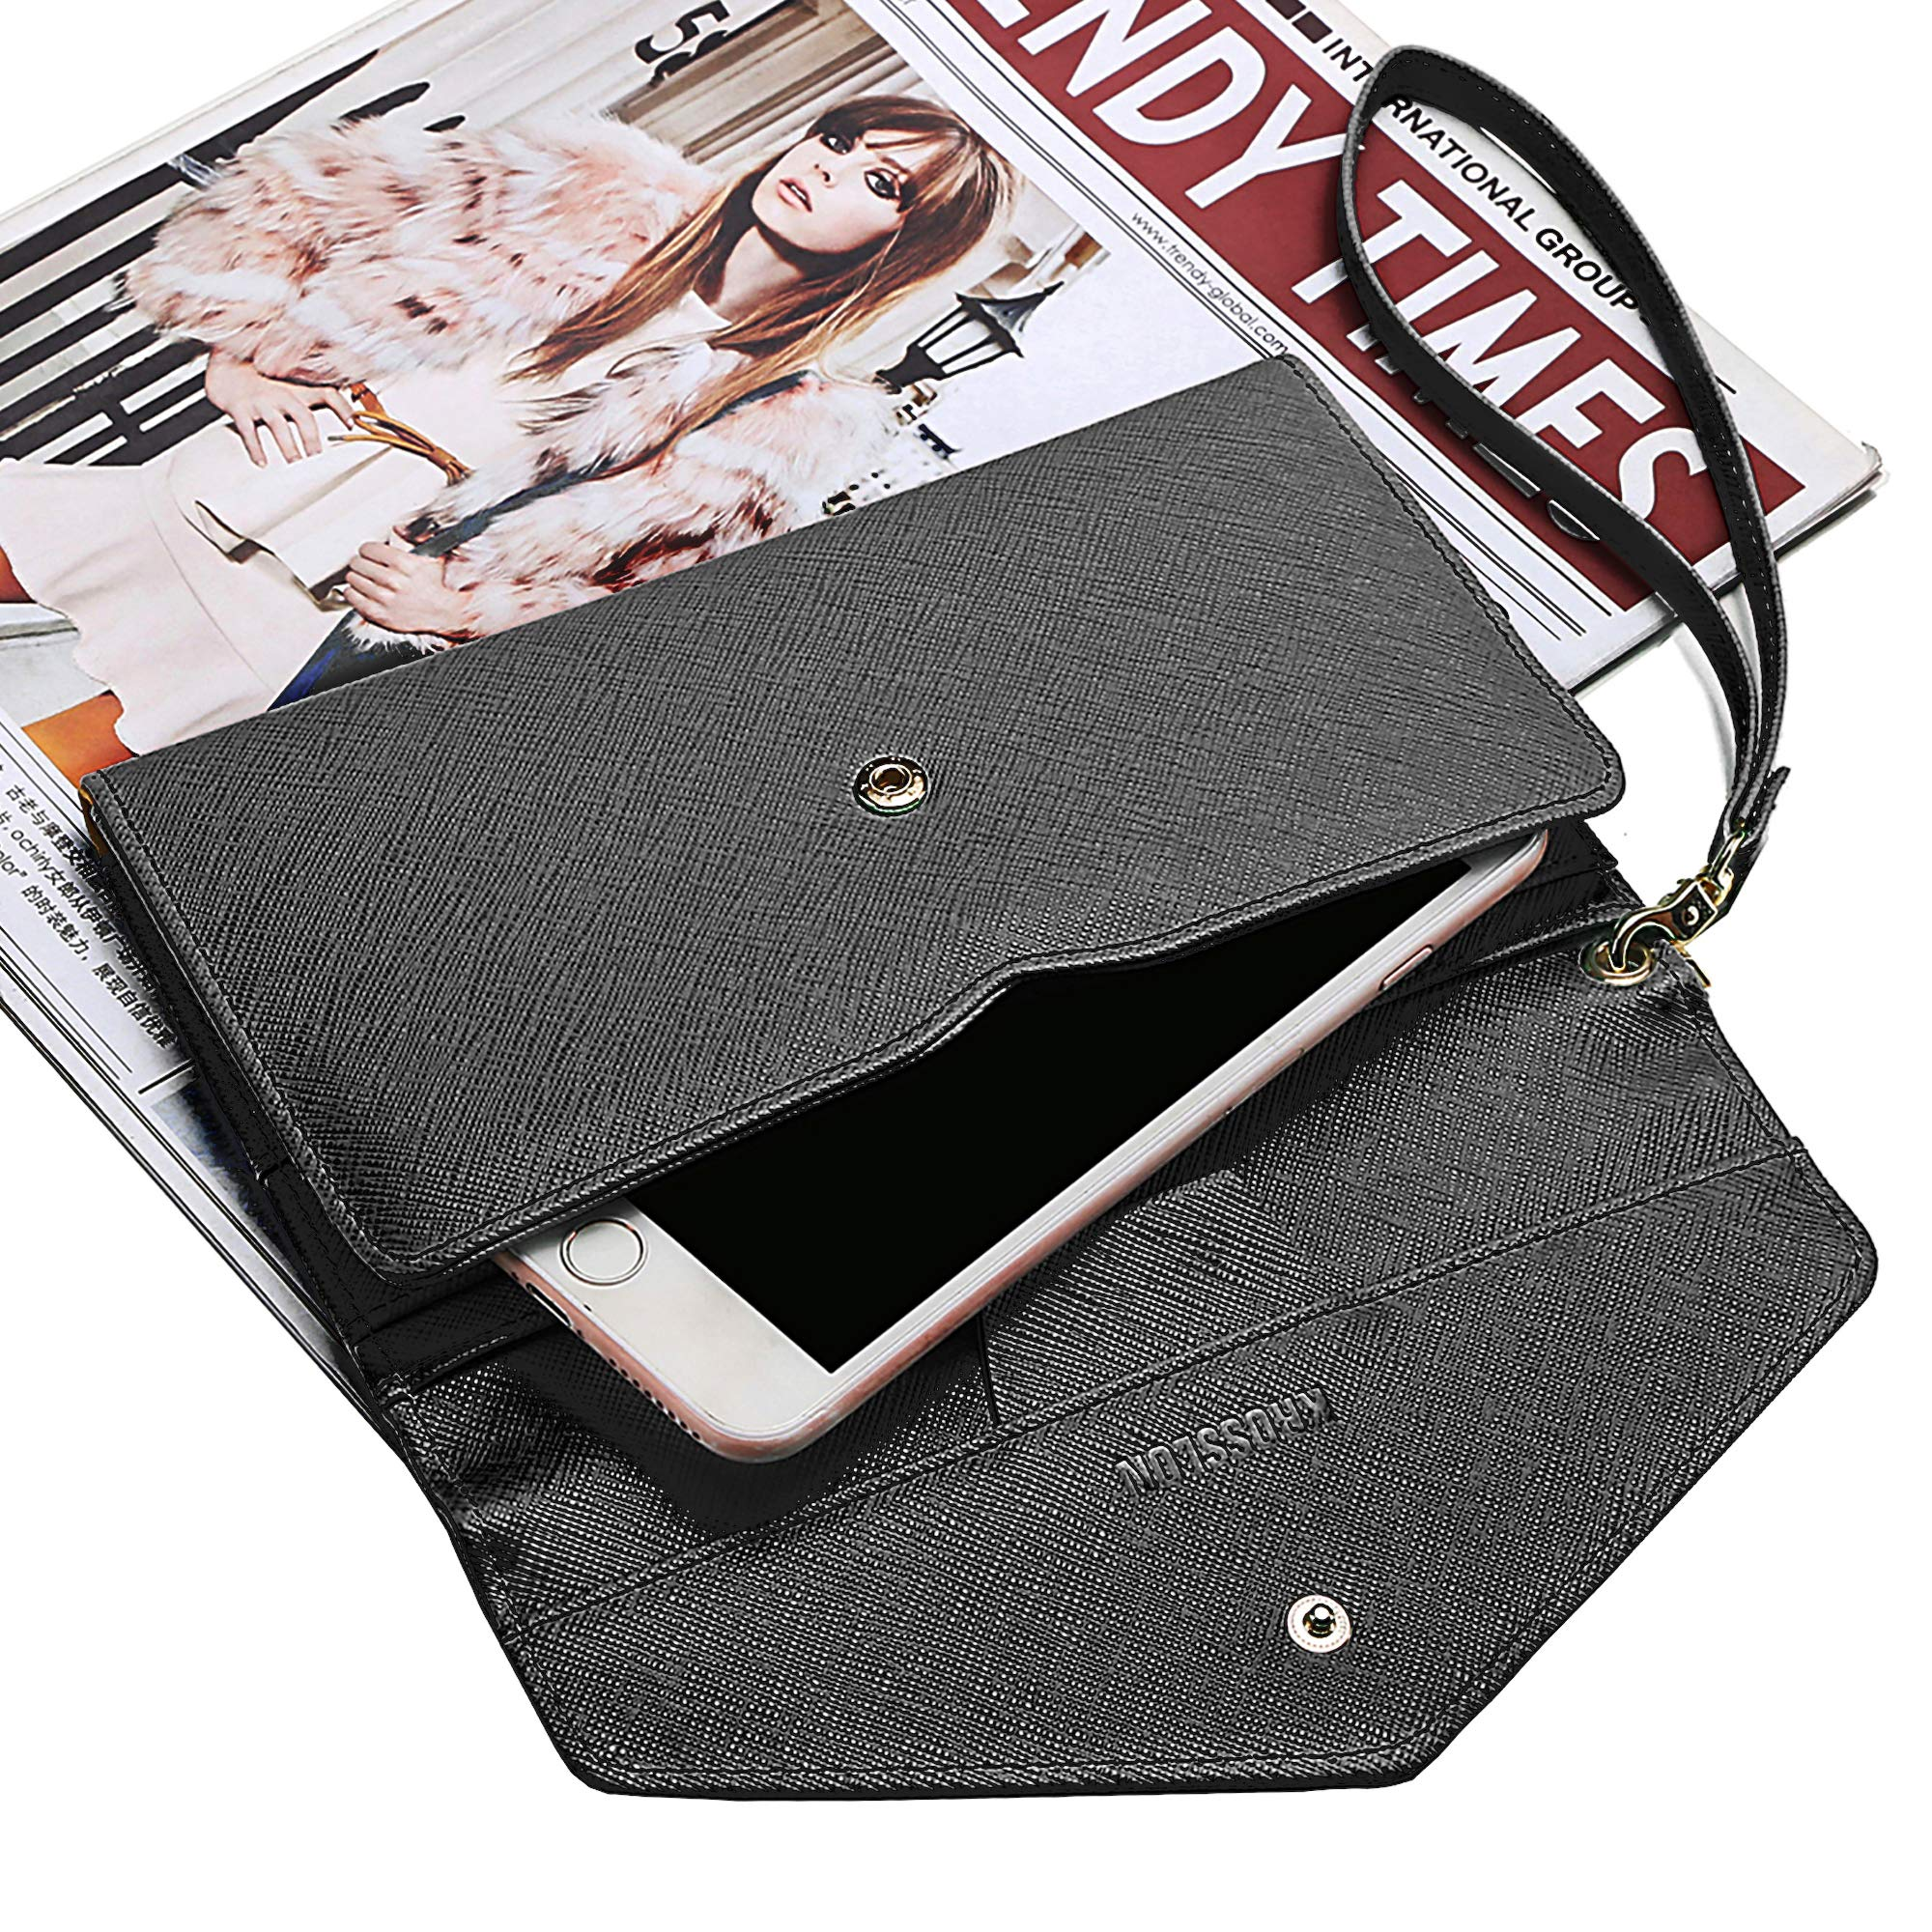 Krosslon Travel Passport Wallet for Women Rfid Wristlet Slim Family Document Holder, 1# Black by KROSSLON (Image #2)